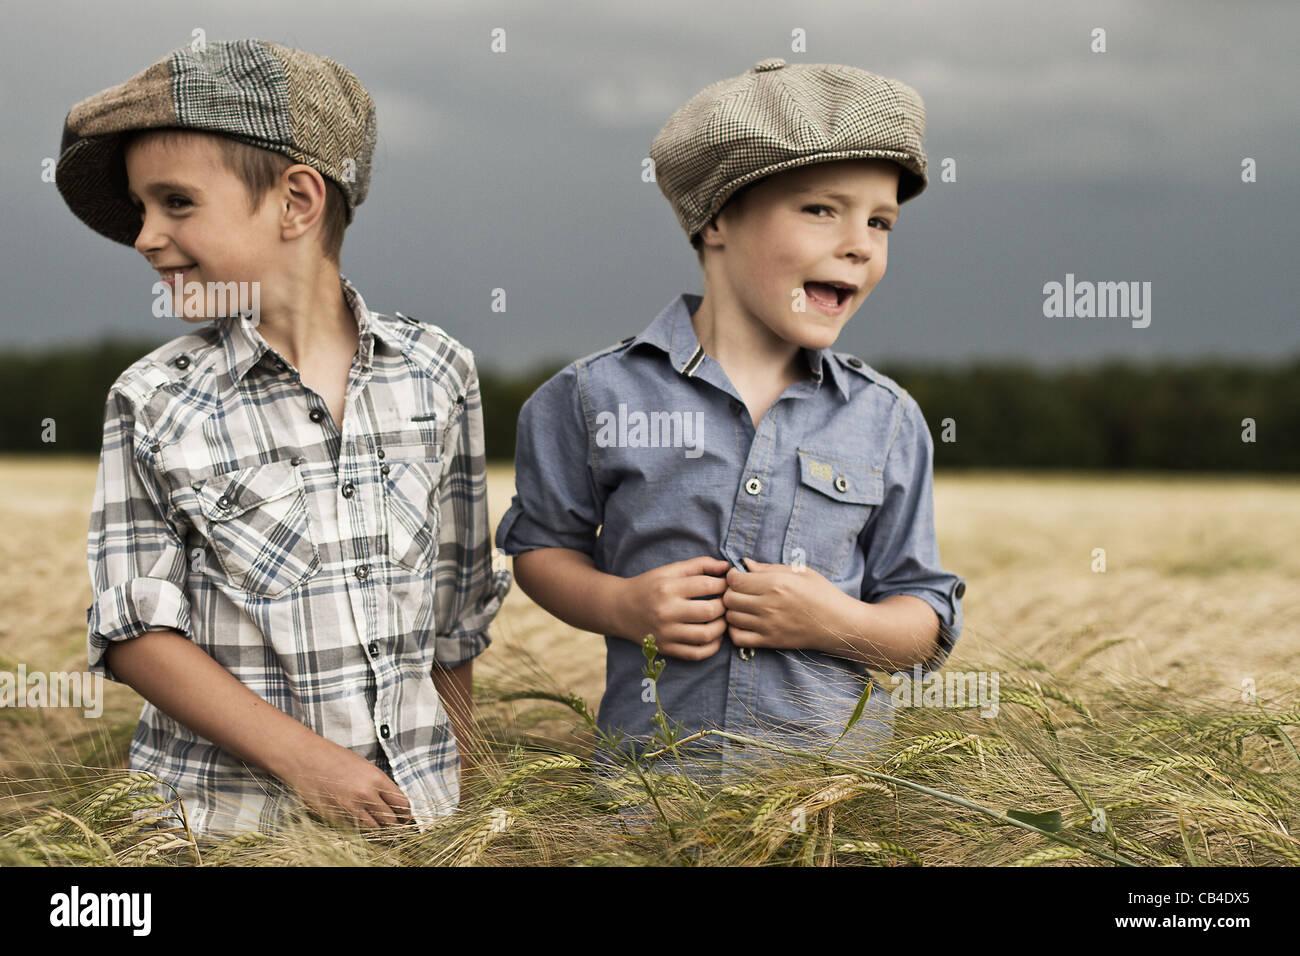 Zwei junge Landwirte in einem Maisfeld in Yorkshire Wolds in Farbe Stockbild